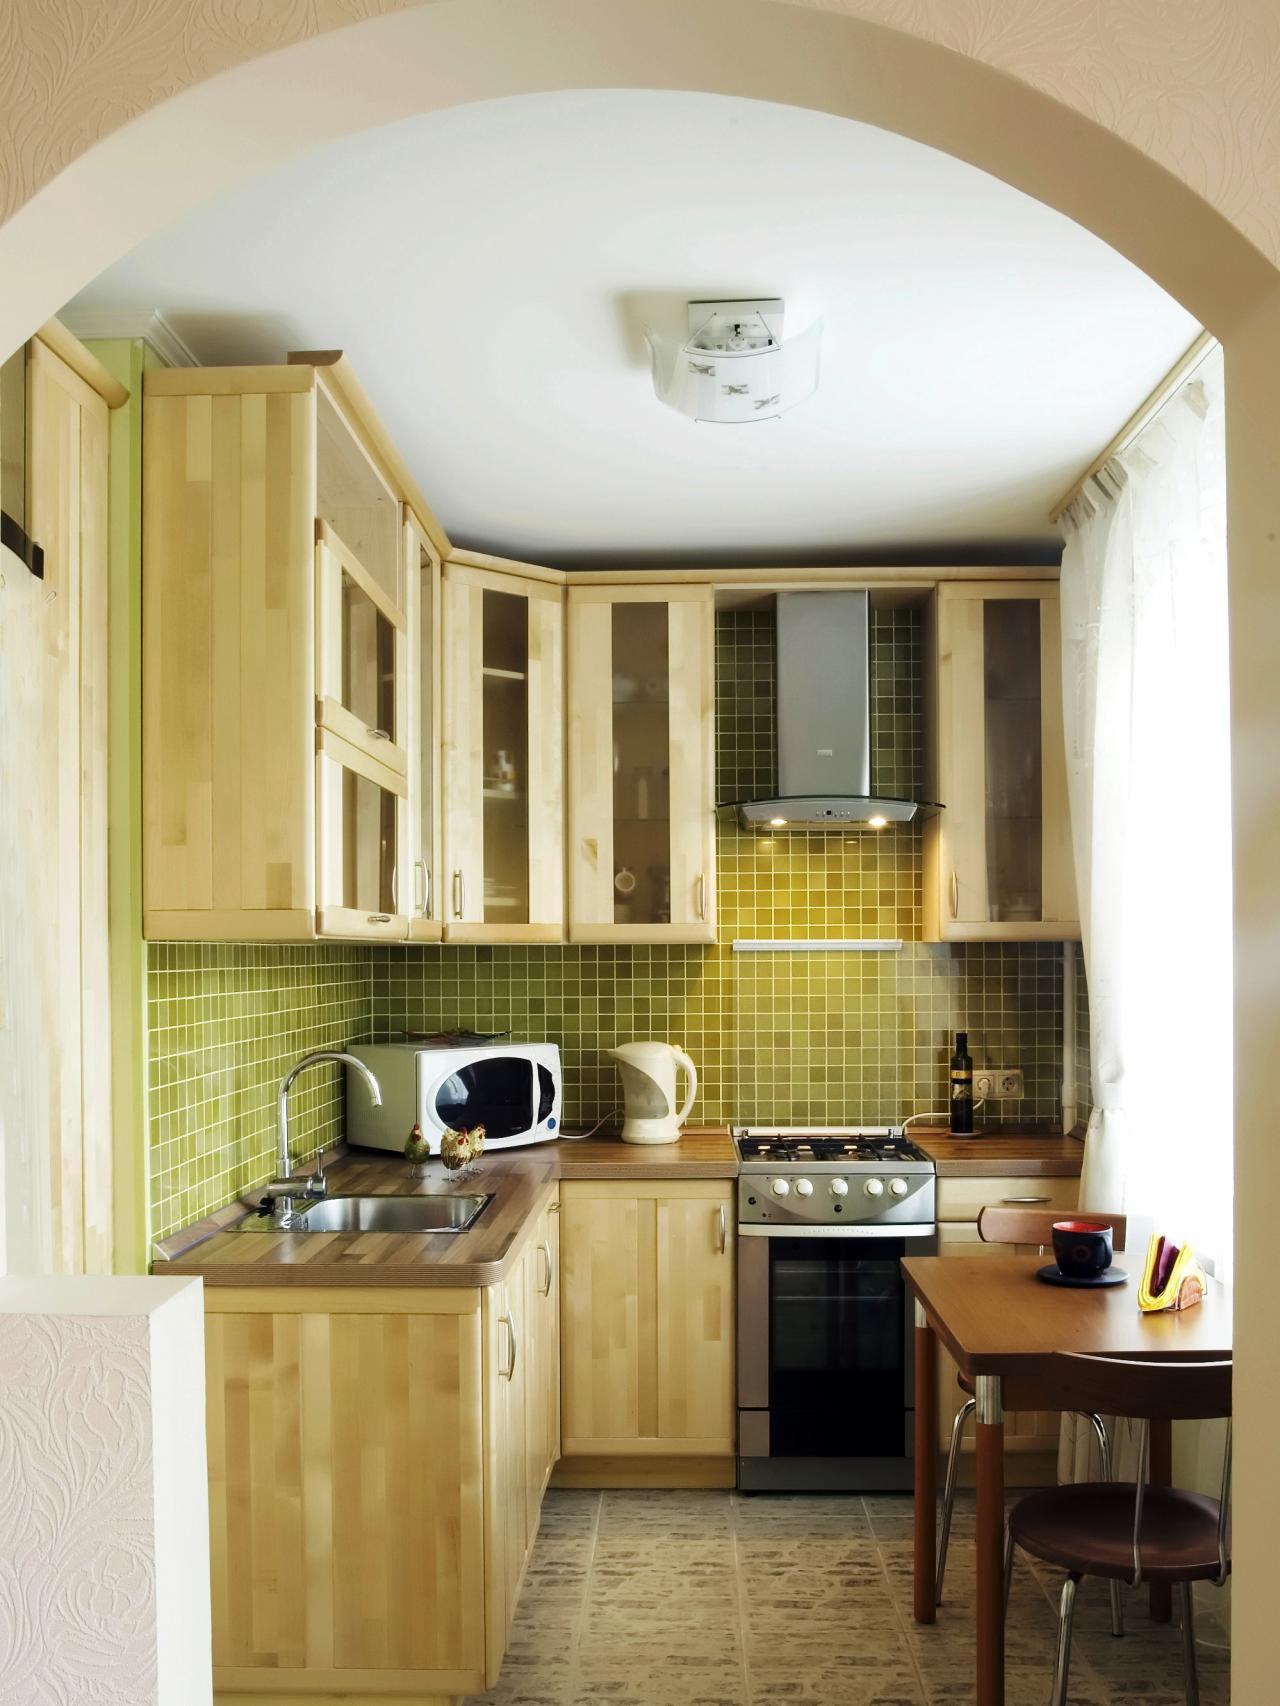 små-køkken-table-optioner-billeder-ideer-fra-hgtv-køkken-små-køkkener-ideer-små-køkkener-med-open-reoler-inden-lille-køkken-20-ideer-til-udsmykning-a- små-køkken